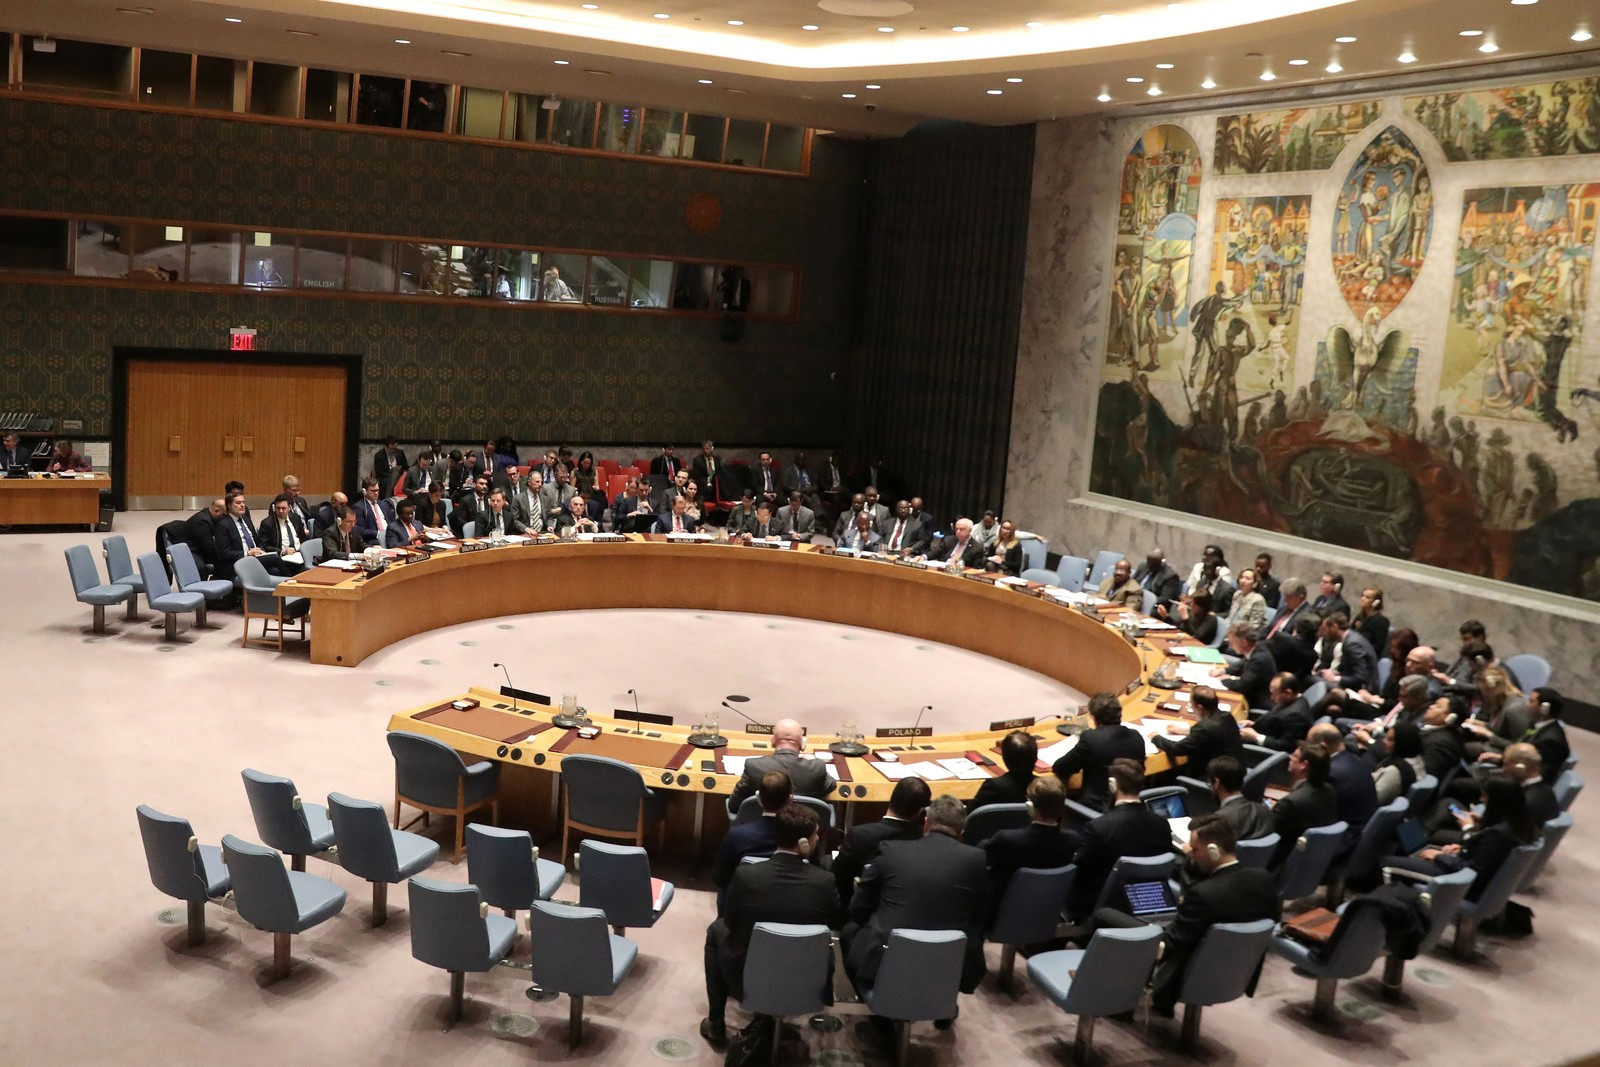 Reunião do Conselho de Segurança da ONU - Foto: Shannon Stapleton/Reuters